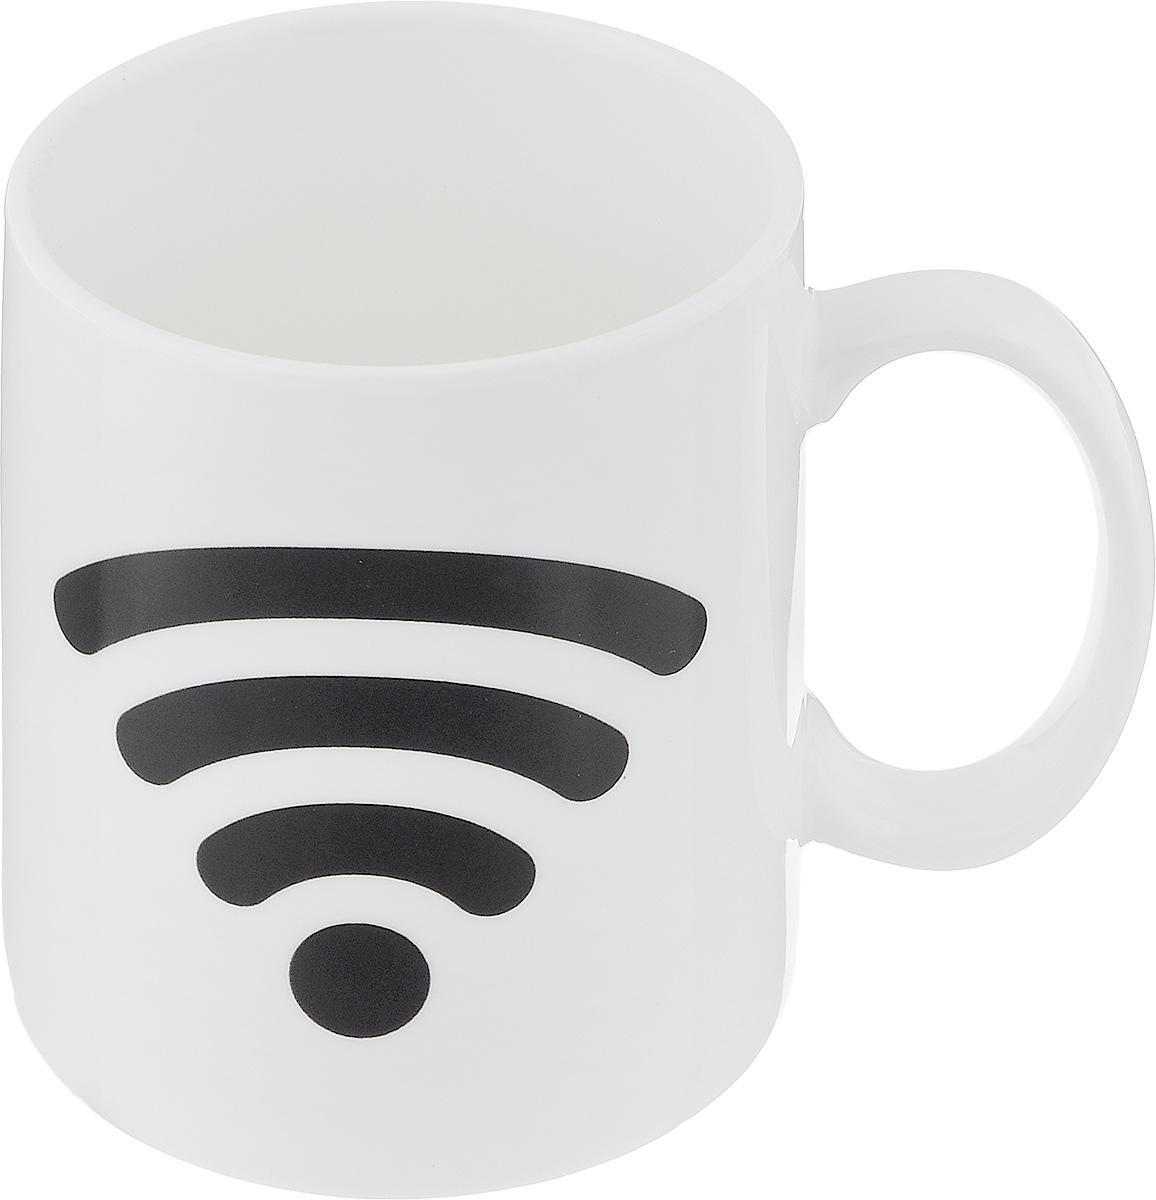 """Кружка-хамелеон Эврика """"Включи WiFi"""" выполнена из  высококачественной керамики. По мере наполнения, шкала  зарядки повышается. В холодном состоянии на кружке  нарисована  шкала Wi-Fi. Если в нее налить горячий напиток, то рисунок  меняет цвет.  Такой подарок станет не только приятным, но и практичным  сувениром: кружка станет незаменимым атрибутом чаепития, а  оригинальный дизайн вызовет улыбку. Высота кружки: 9,5 см. Диаметр (без учета ручки): 8 см."""